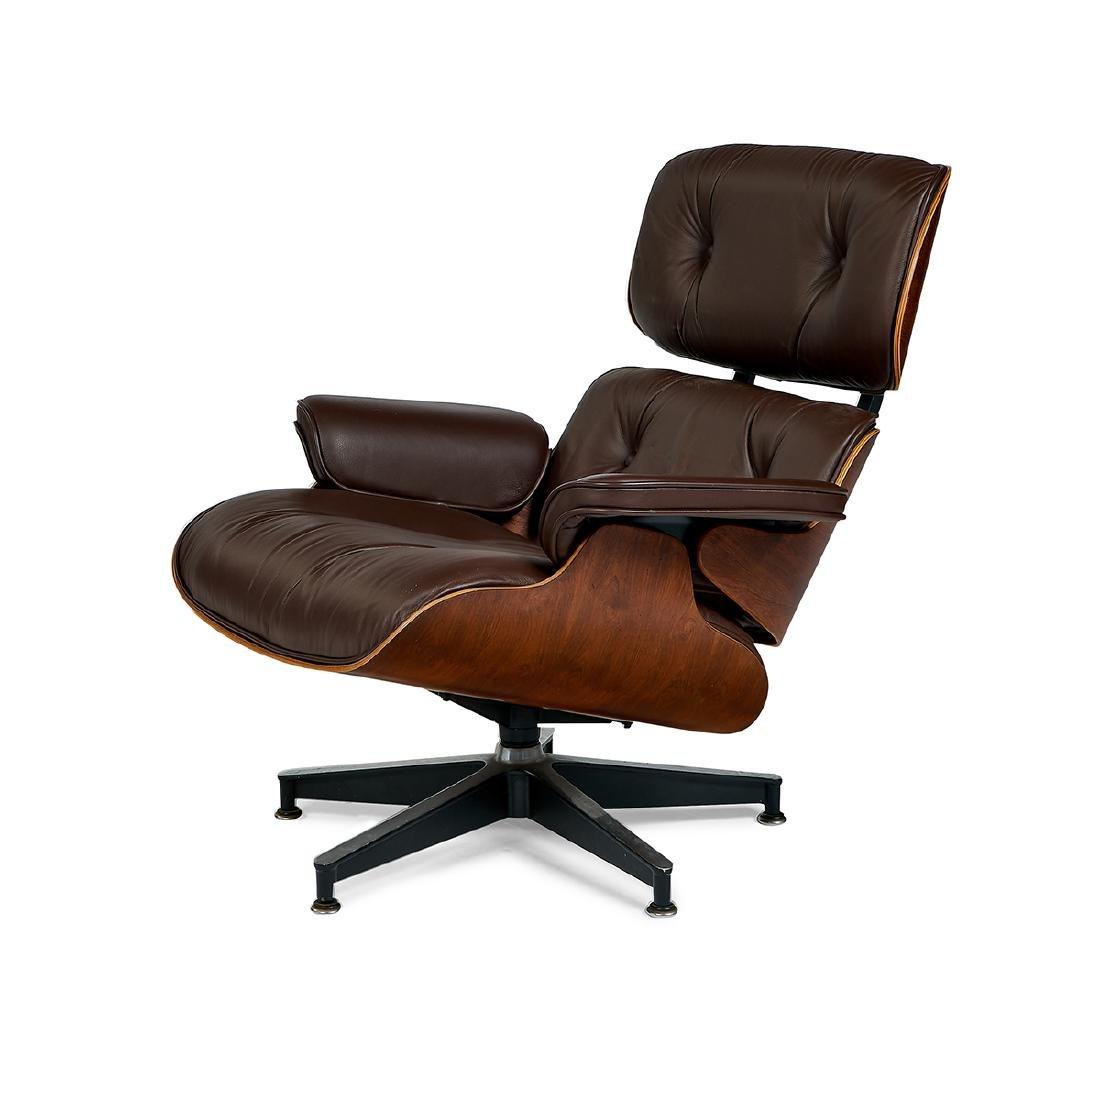 Charles U0026 Ray Eames Herman Miller 670 Chair